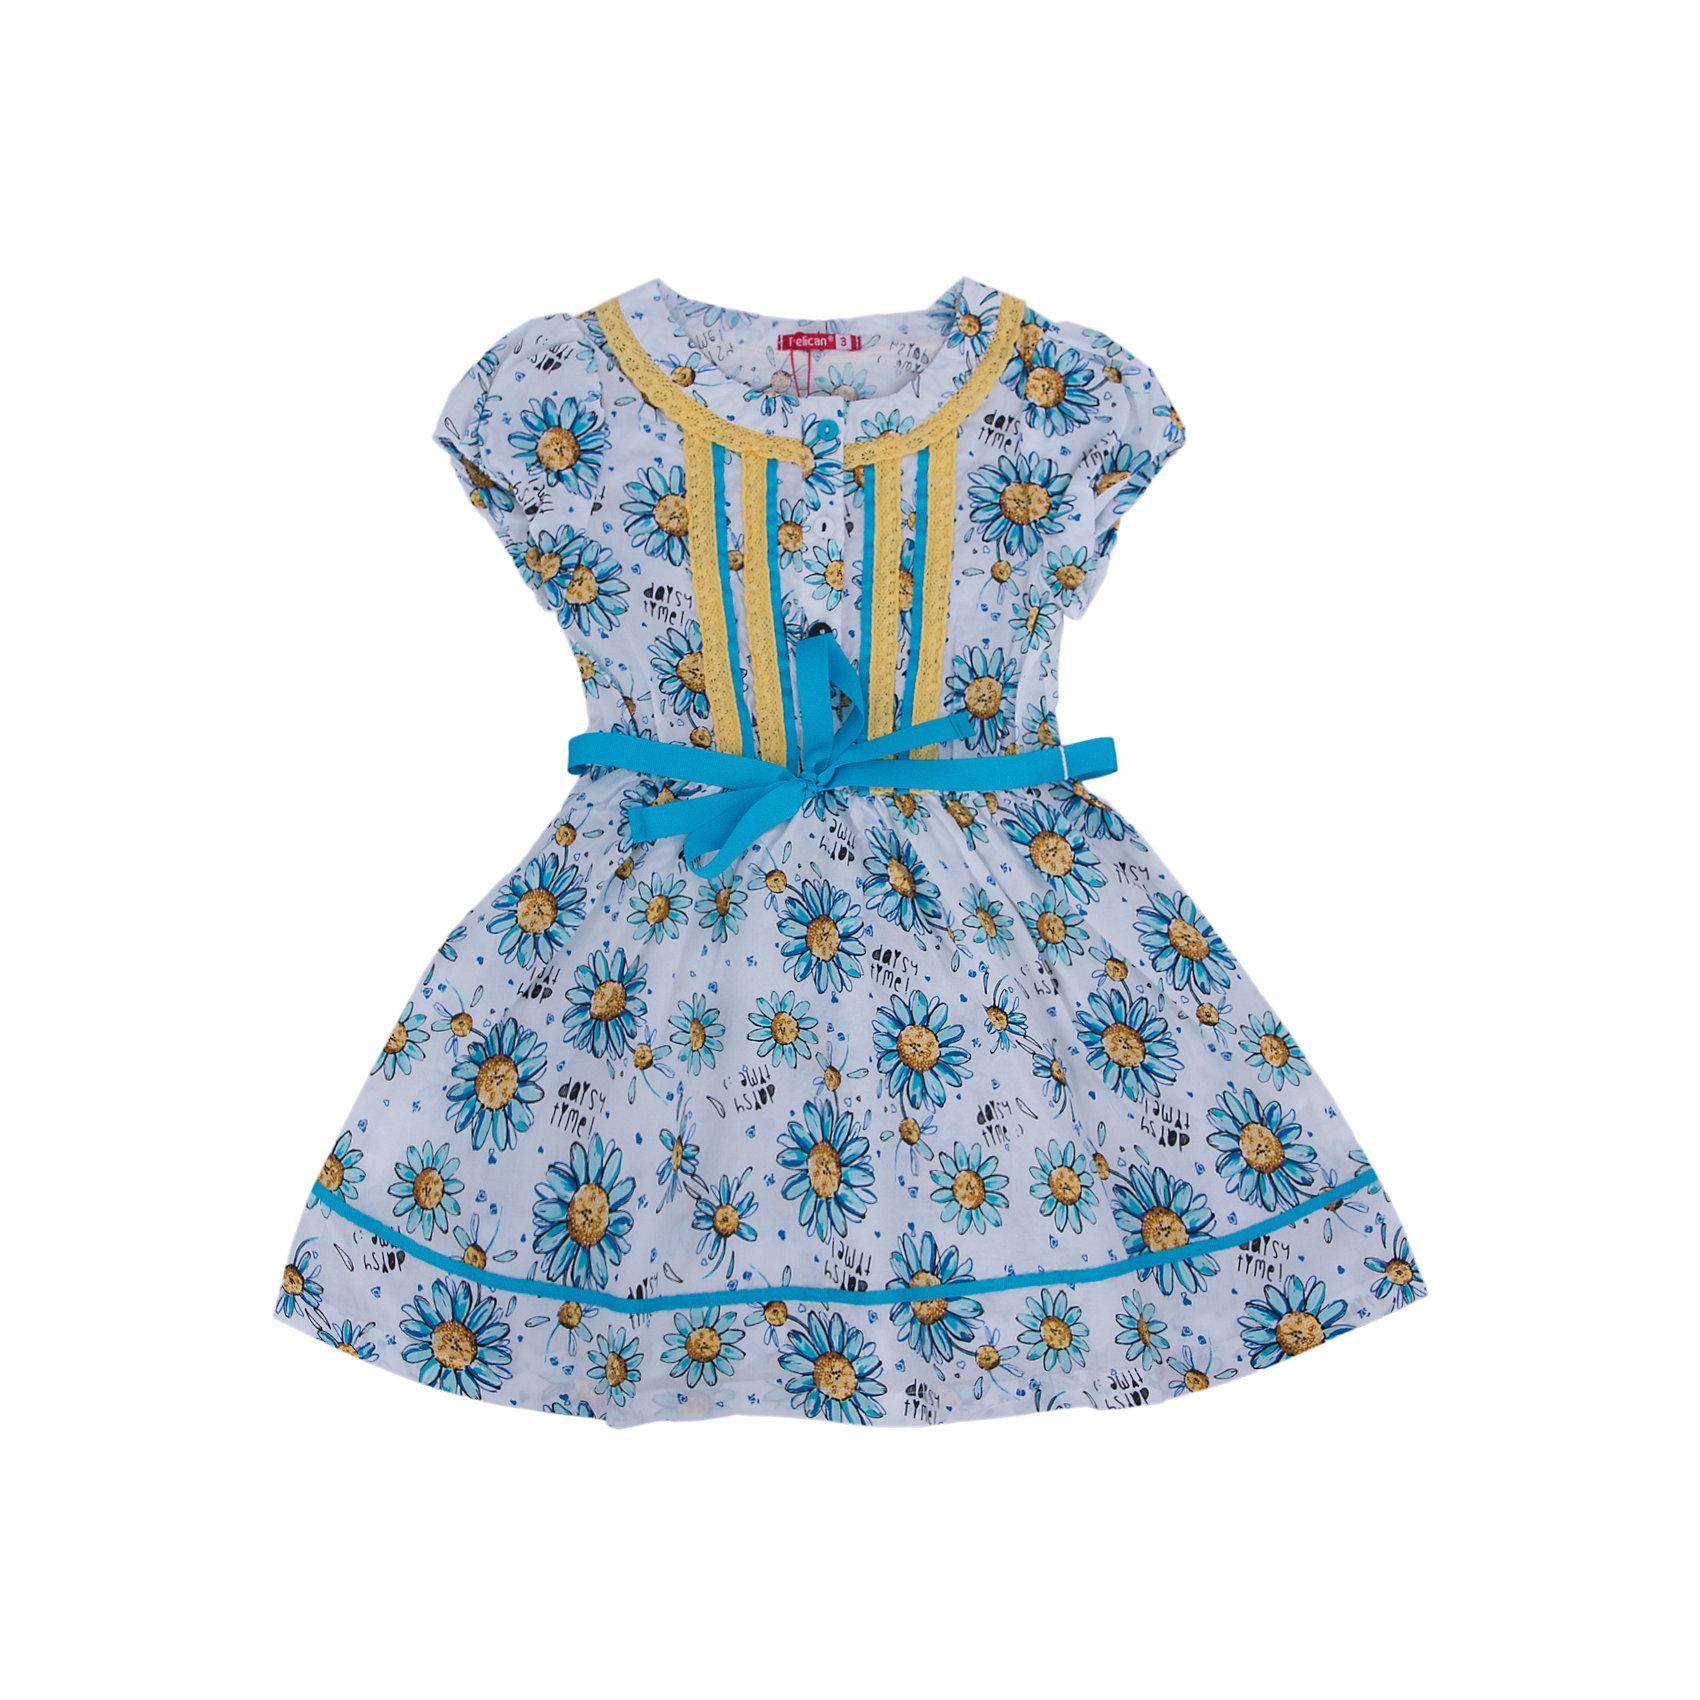 Платье для девочки PELICANЛегкое платье для девочки смотрится очень нарядно. Оно поможет разнообразить гардероб ребенка, создать подходящий погоде ансамбль. Удобный крой и качественный материал обеспечат ребенку комфорт при ношении этих вещей. <br>Платье декорировано ярким принтом и кружевами. Рукава короткие. Пояс обработан контрастной тканью. Материал платья состоит из дышащего натурального хлопка, гипоаллергенного, отлично подходящего для детской одежды. <br><br>Дополнительная информация:<br><br>материал: 100% хлопок;<br>цвет: разноцветный;<br>кружева;<br>рукава короткие.<br><br>Платье для девочки от бренда PELICAN (Пеликан) можно купить в нашем магазине.<br><br>Ширина мм: 236<br>Глубина мм: 16<br>Высота мм: 184<br>Вес г: 177<br>Цвет: желтый<br>Возраст от месяцев: 36<br>Возраст до месяцев: 48<br>Пол: Женский<br>Возраст: Детский<br>Размер: 104,98,110,116<br>SKU: 4805179